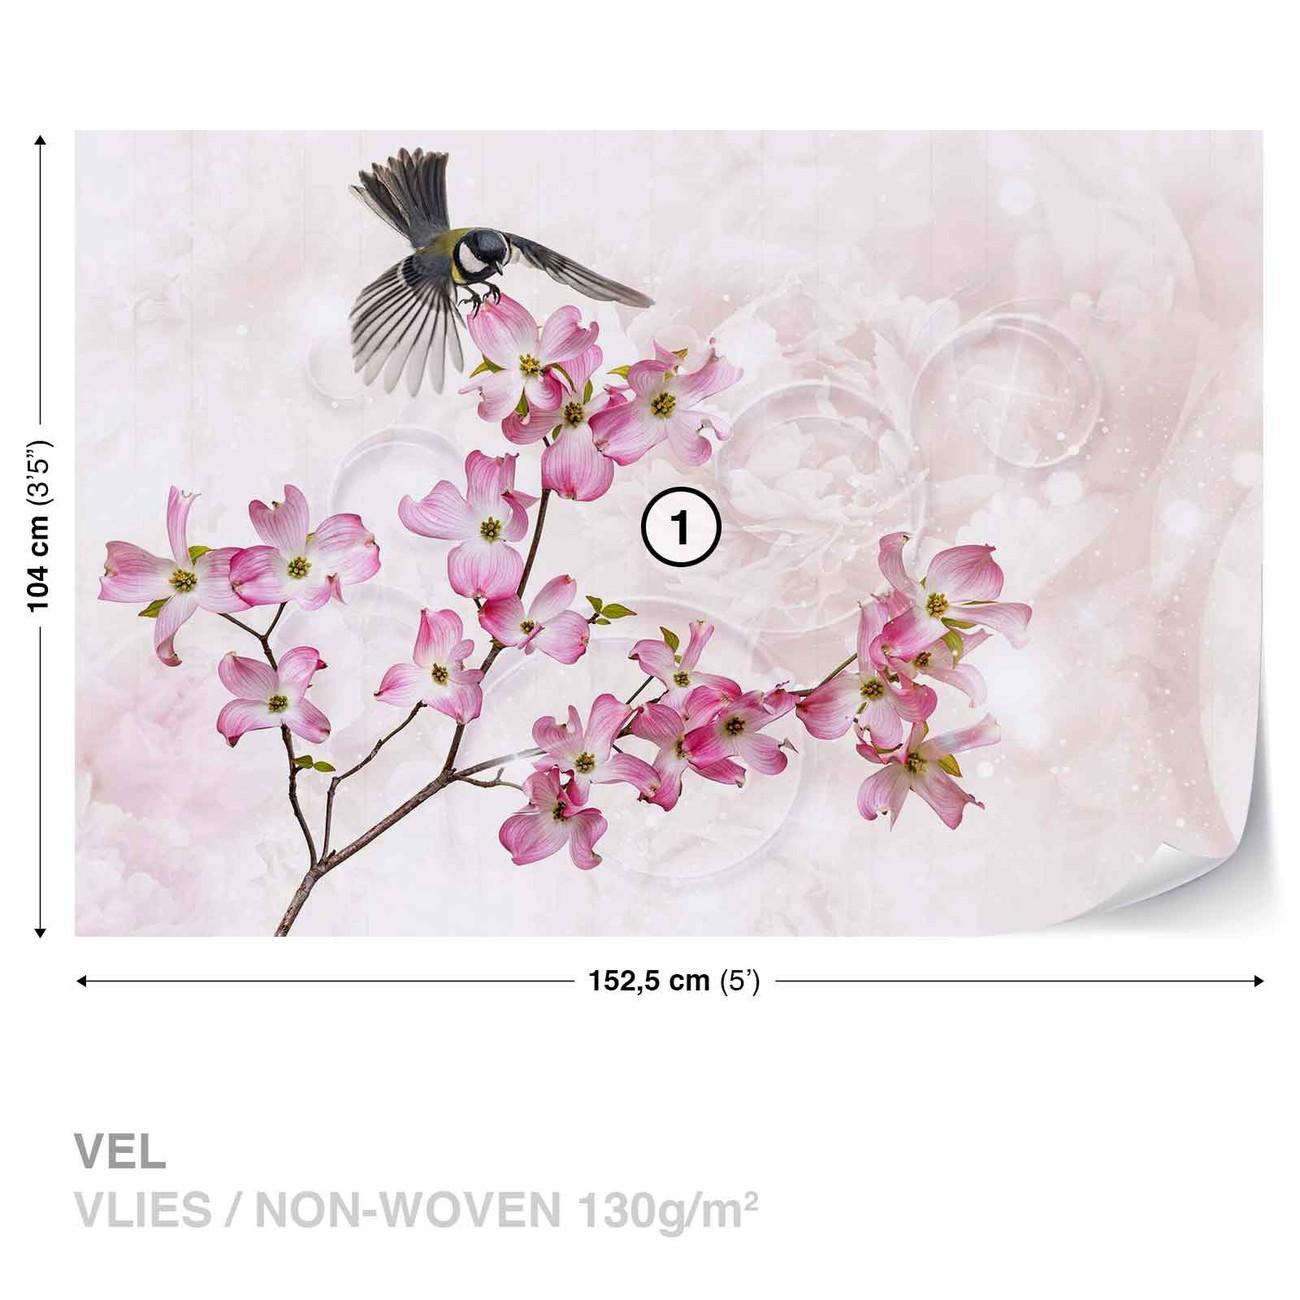 fleurs oiseau poster mural papier peint acheter le sur. Black Bedroom Furniture Sets. Home Design Ideas